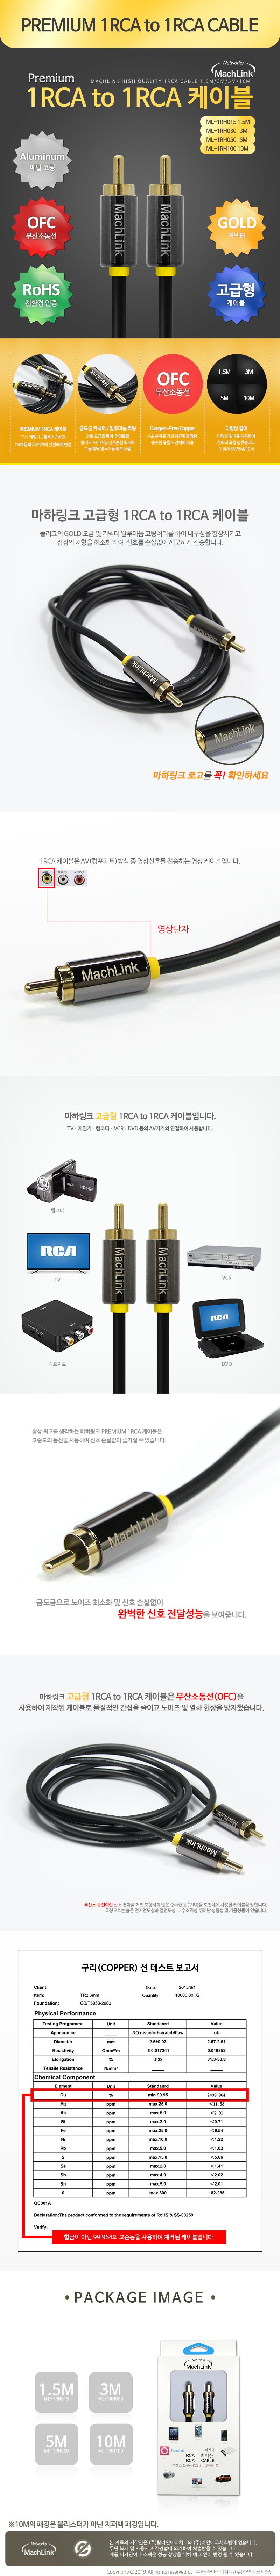 마하링크 1RCA to 1RCA 케이블 (ML-1RH030, 3m)